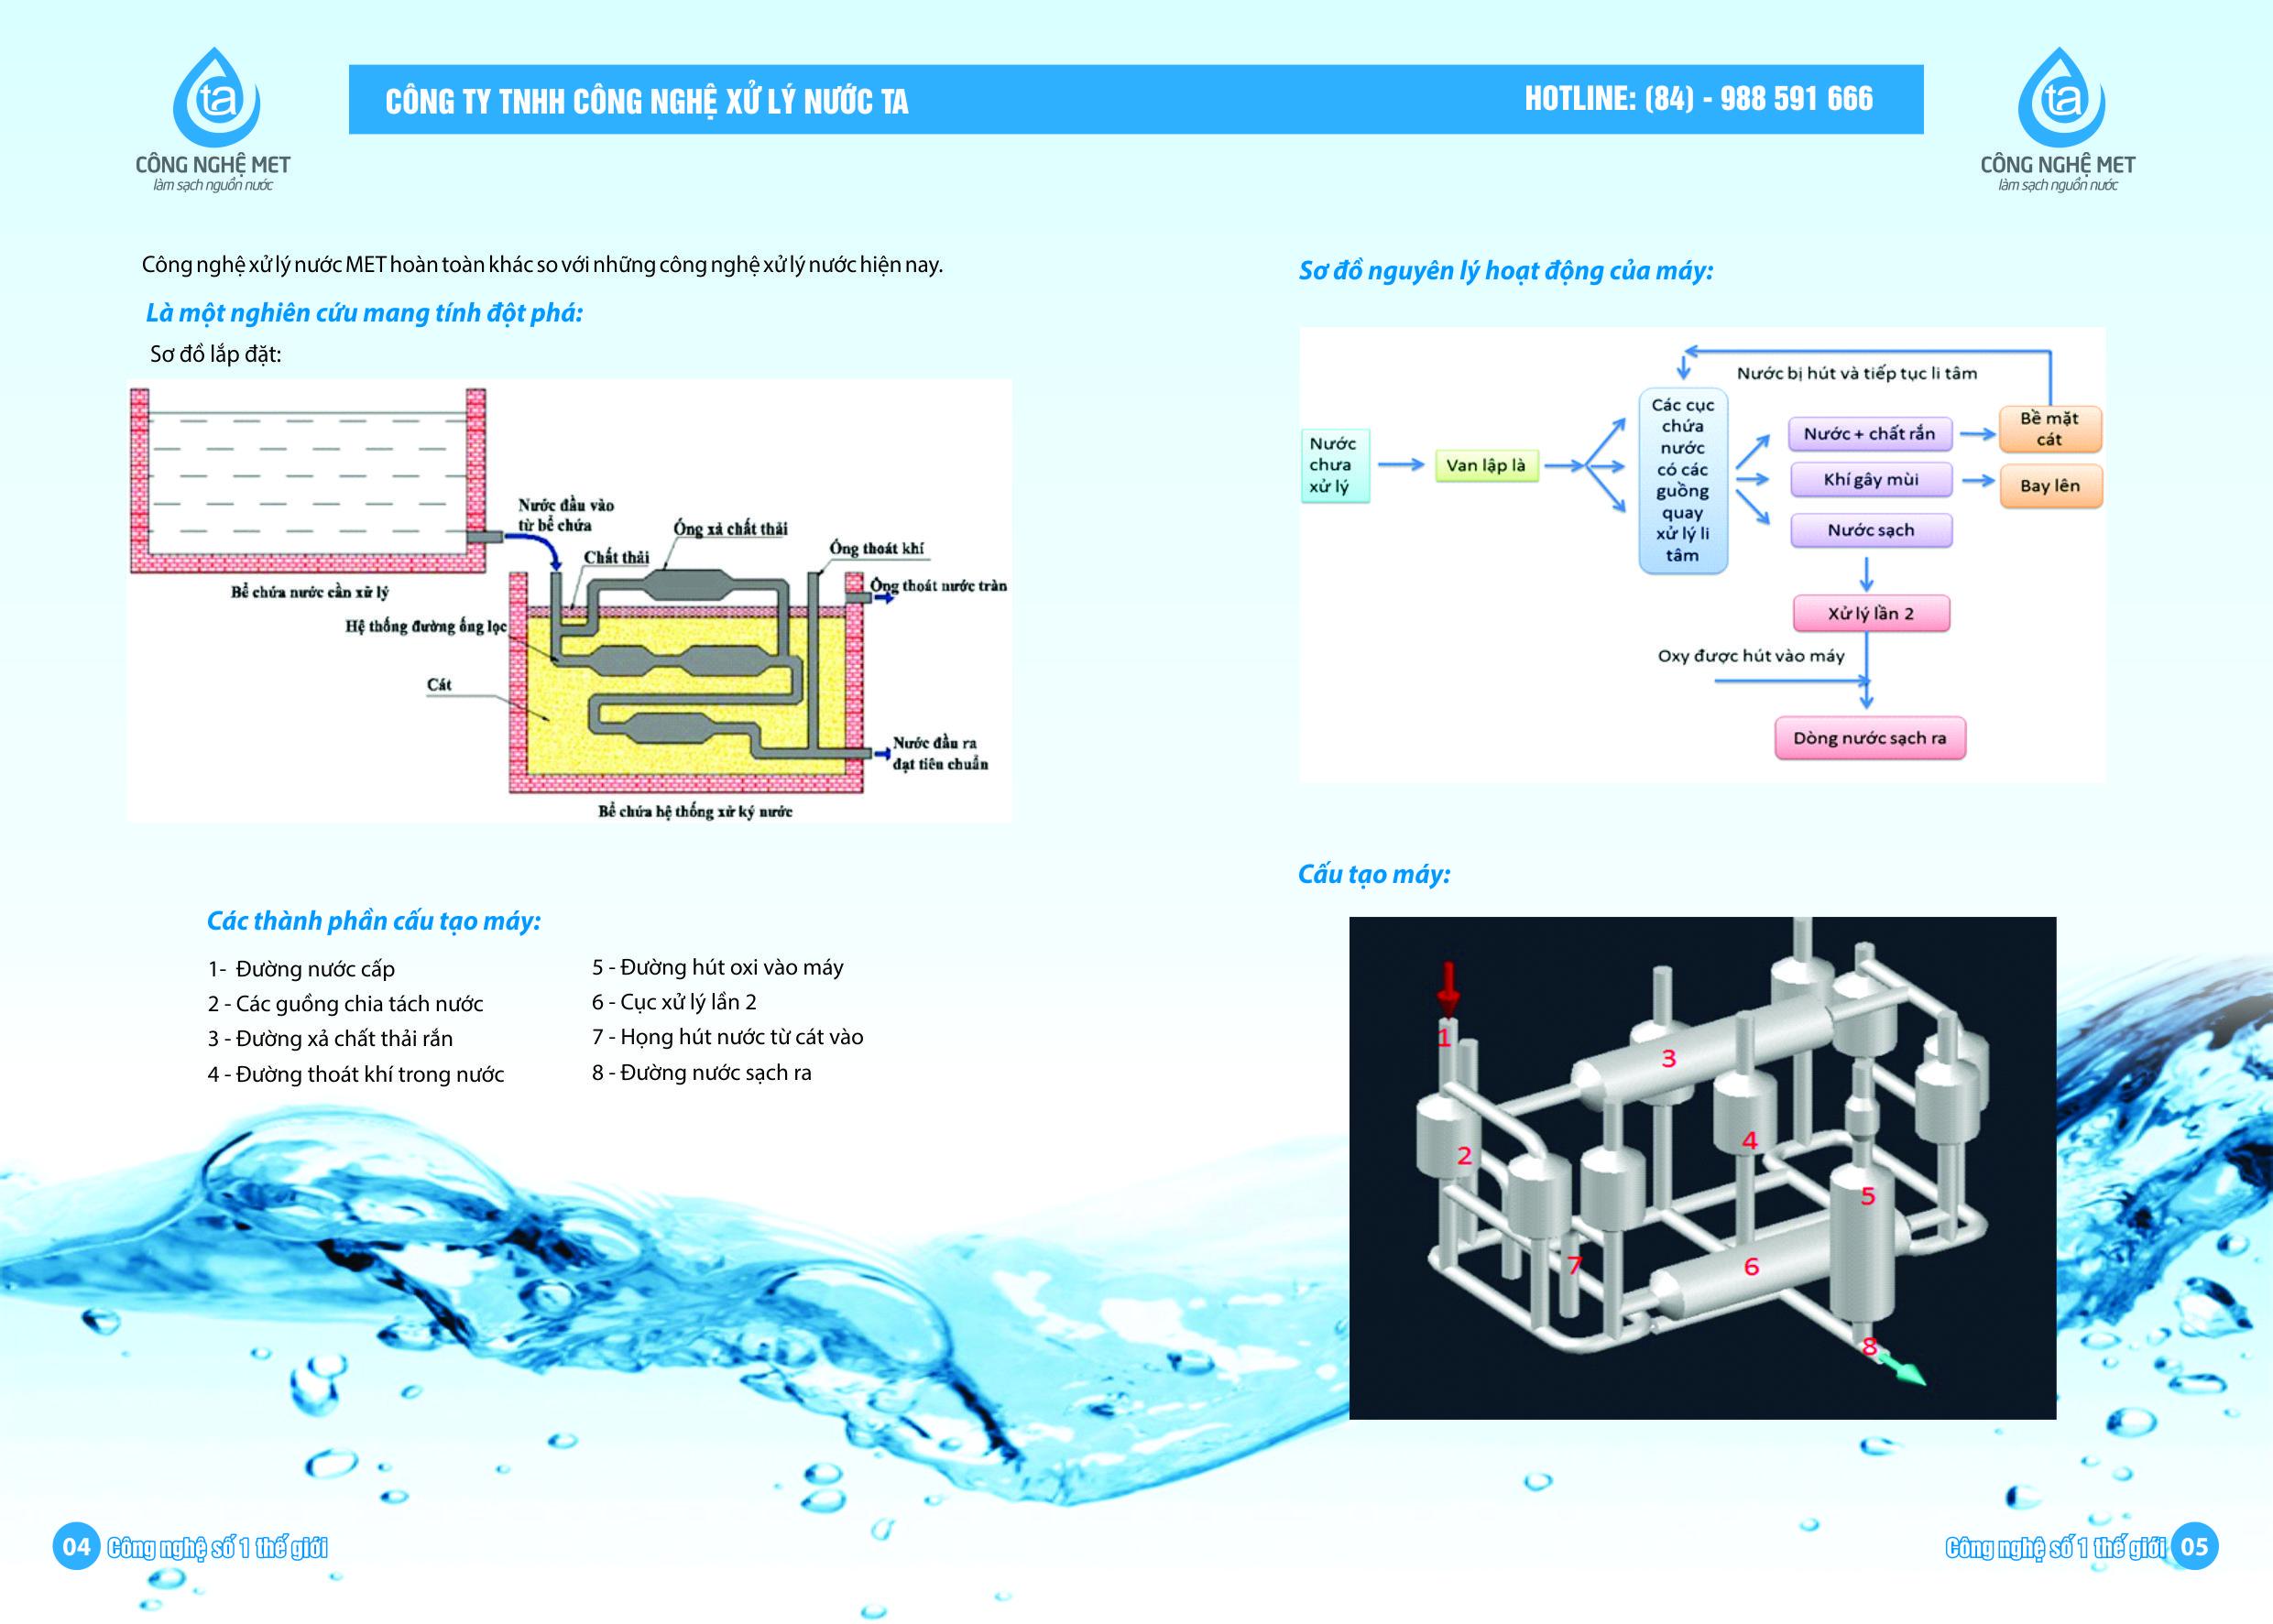 Phương pháp tái sử dụng nước thải sinh hoạt hiệu quả hiện nay